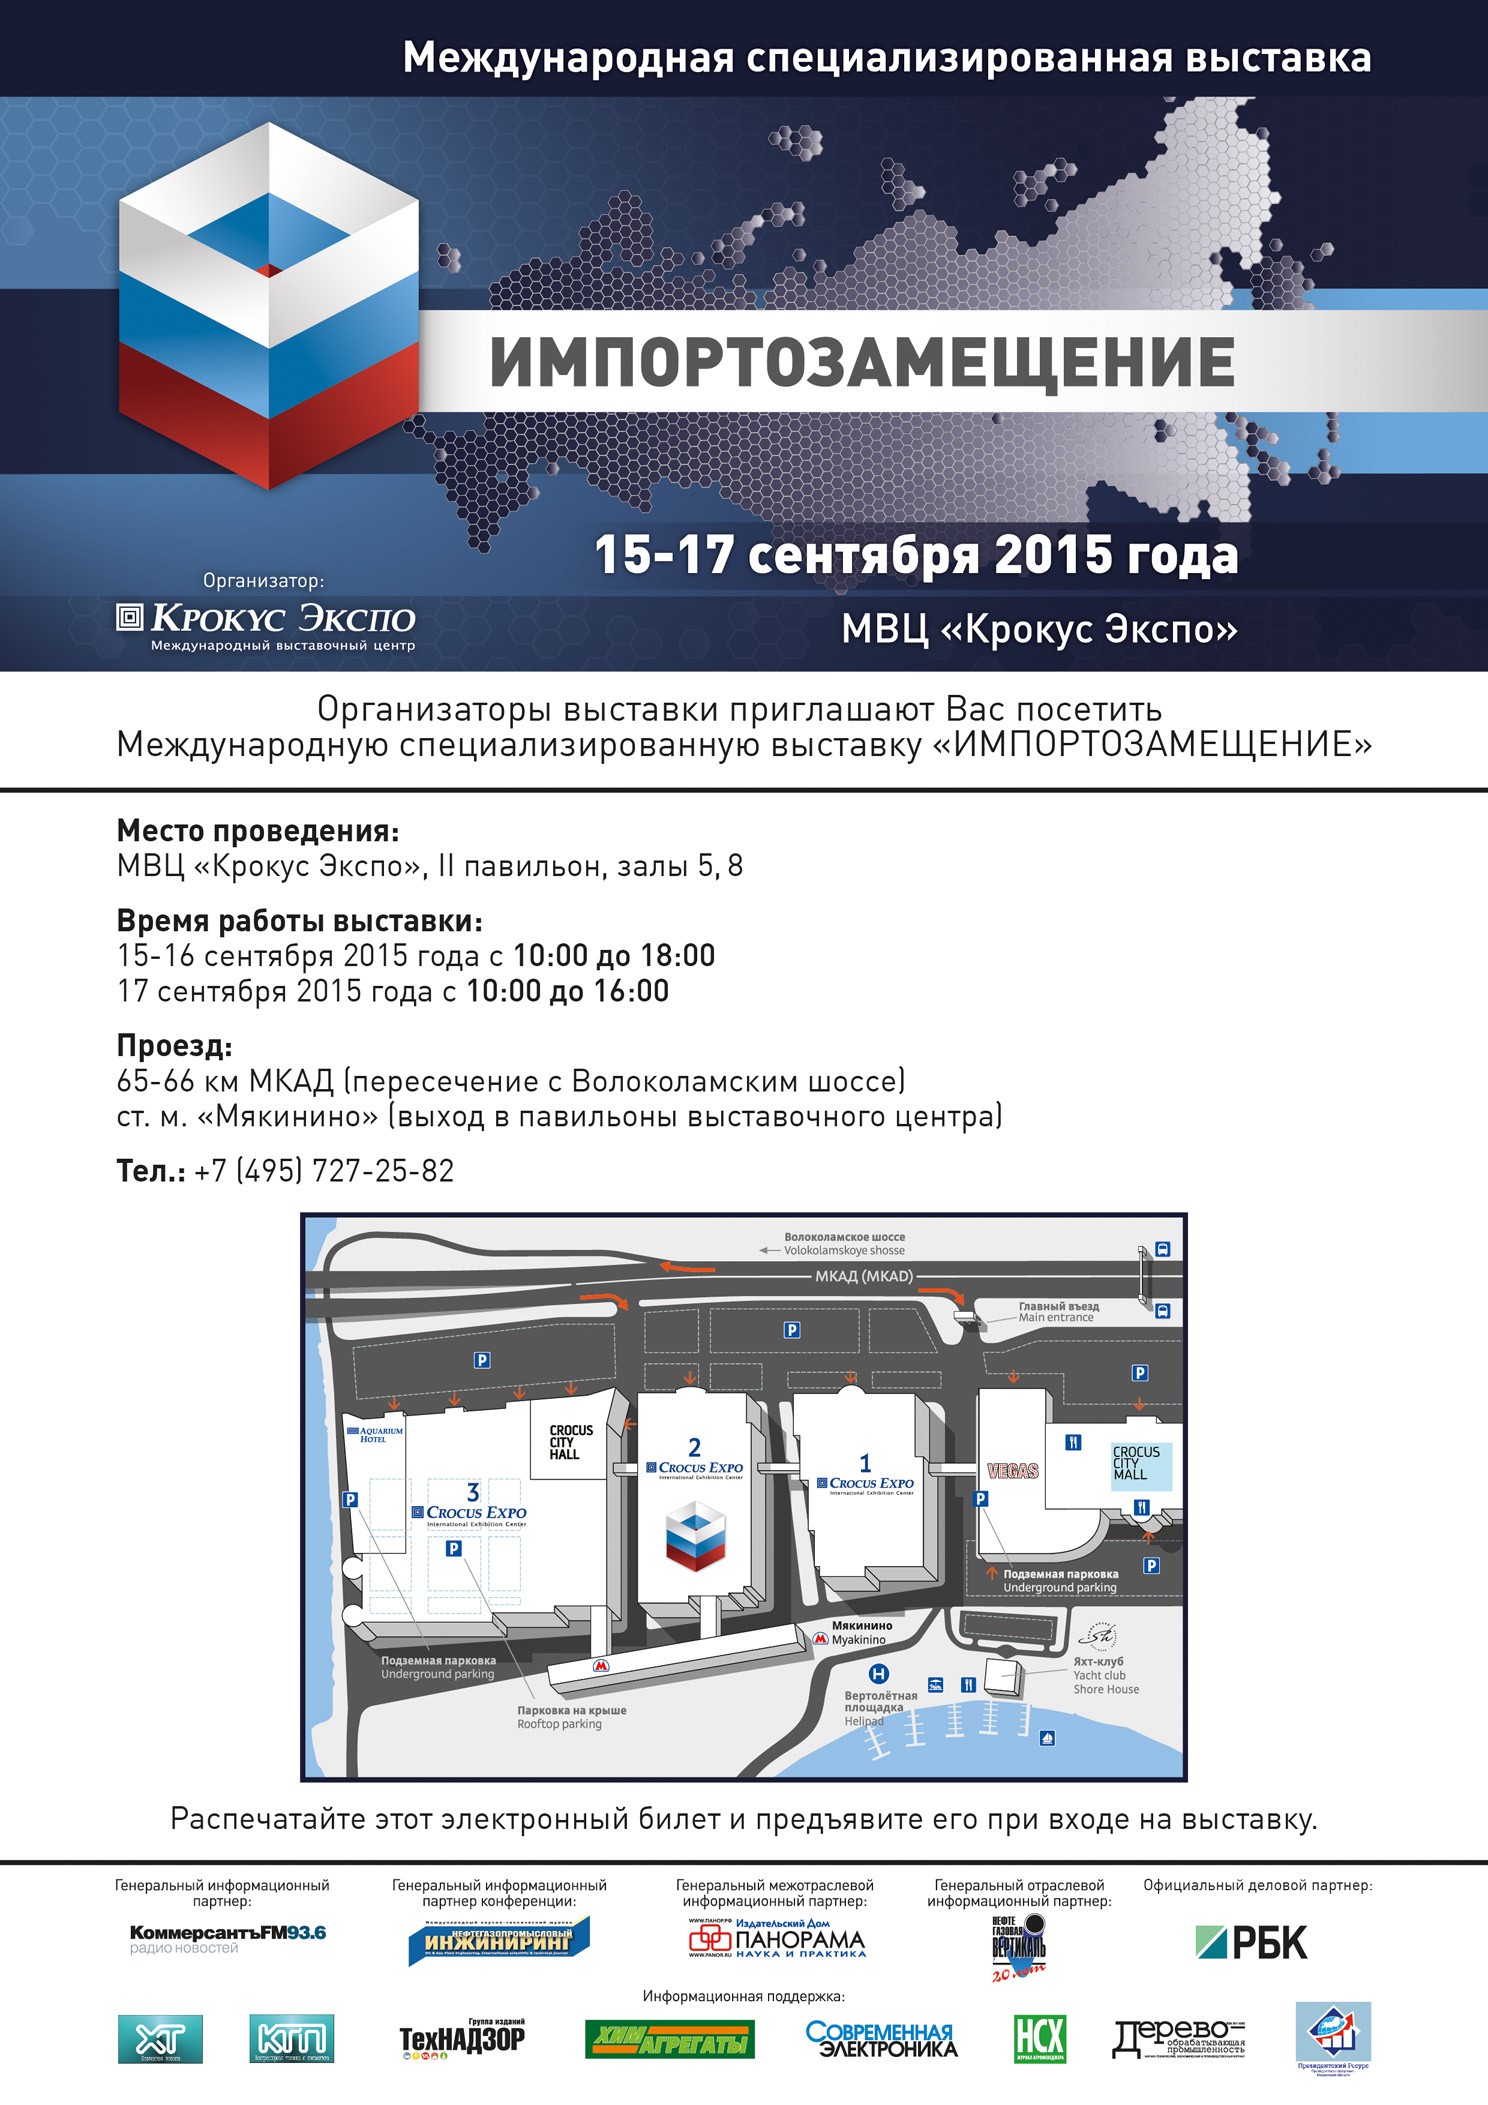 Доклады «Импортозамещения 2015»